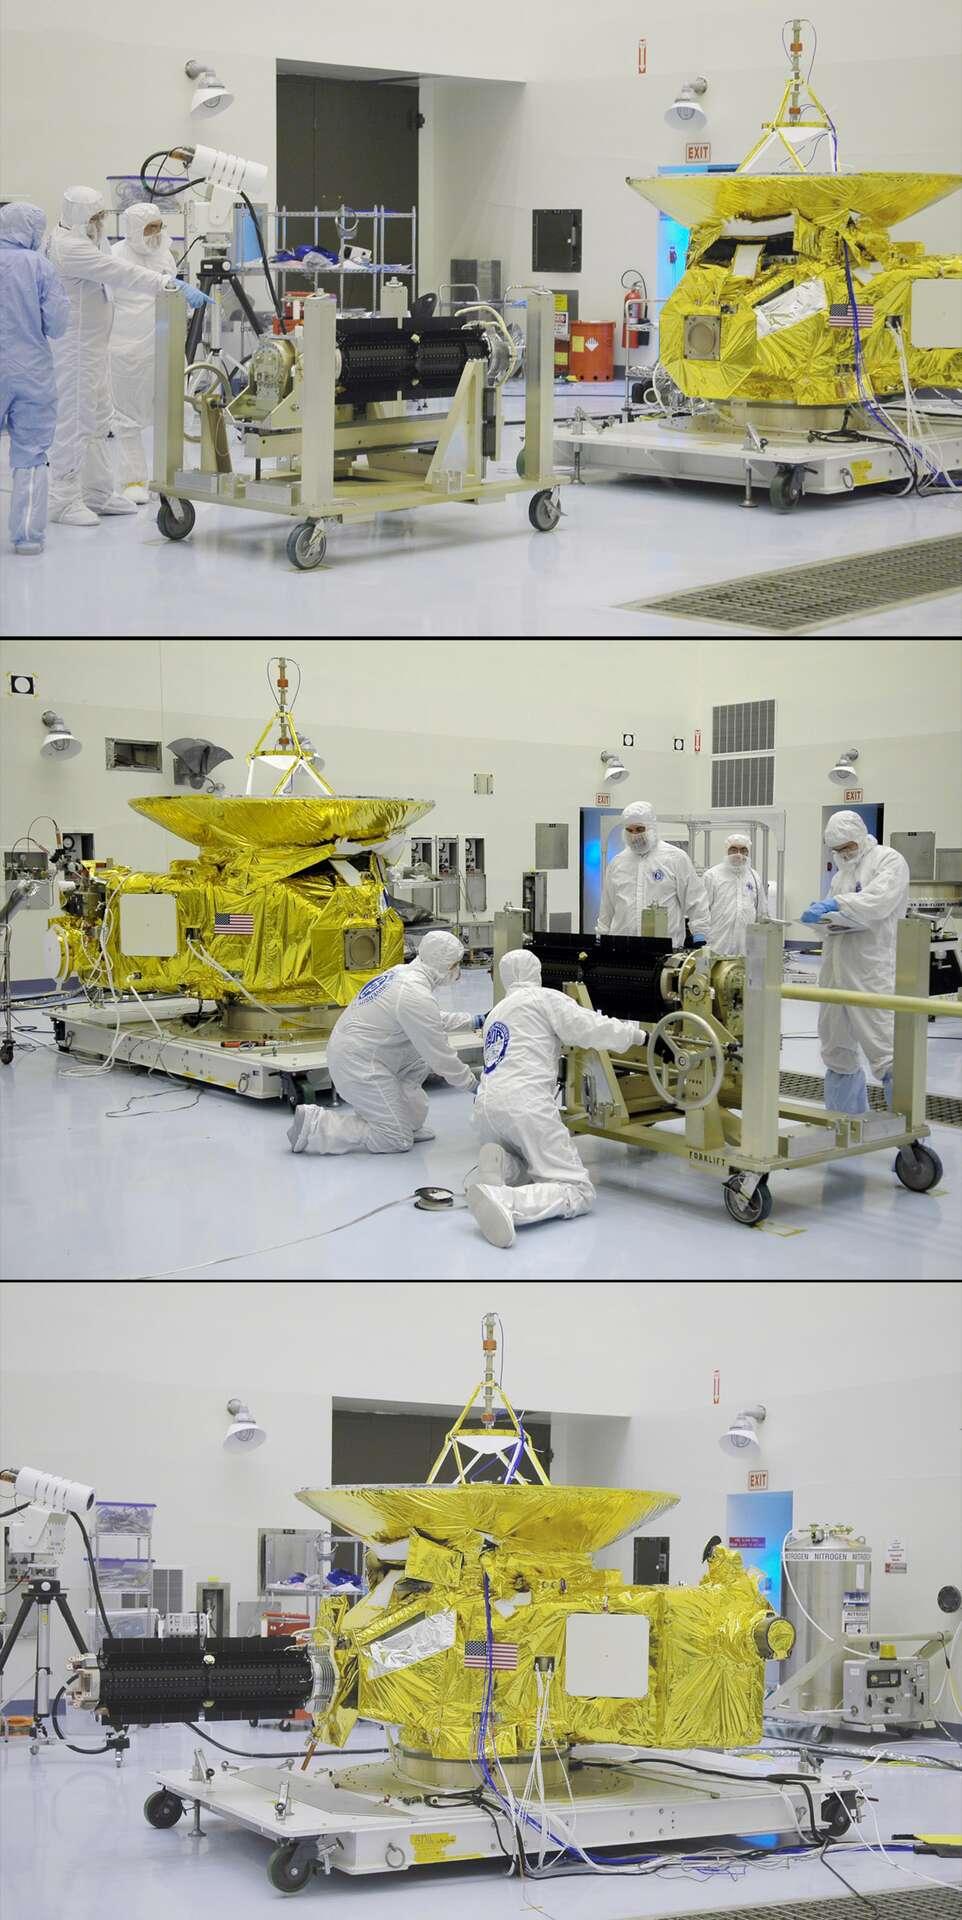 Installation du RTG de la sonde New Horizons de la Nasa, qui doit rejoindre la planète naine Pluton en juillet 2015. © Nasa